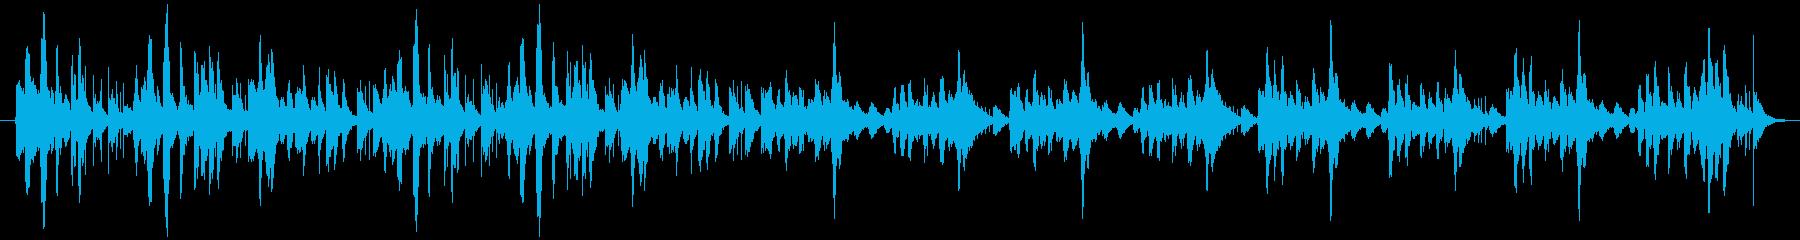 弾けているようなかわいらしいBGMの再生済みの波形